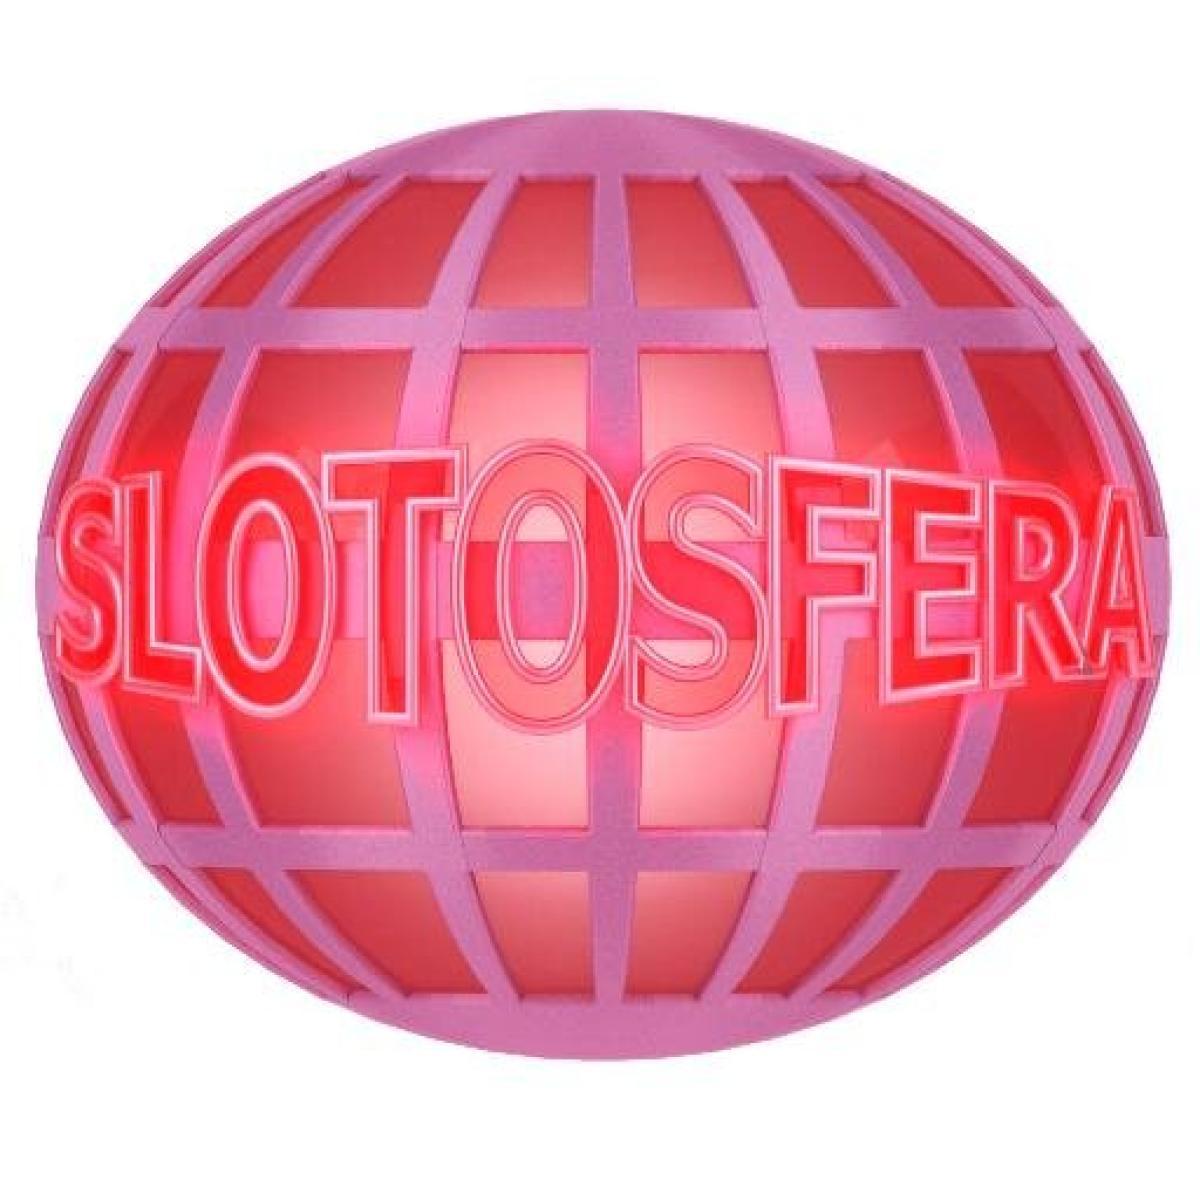 Slotosfera игровые автоматы играть в казино вулкан на реальные деньги через телефон